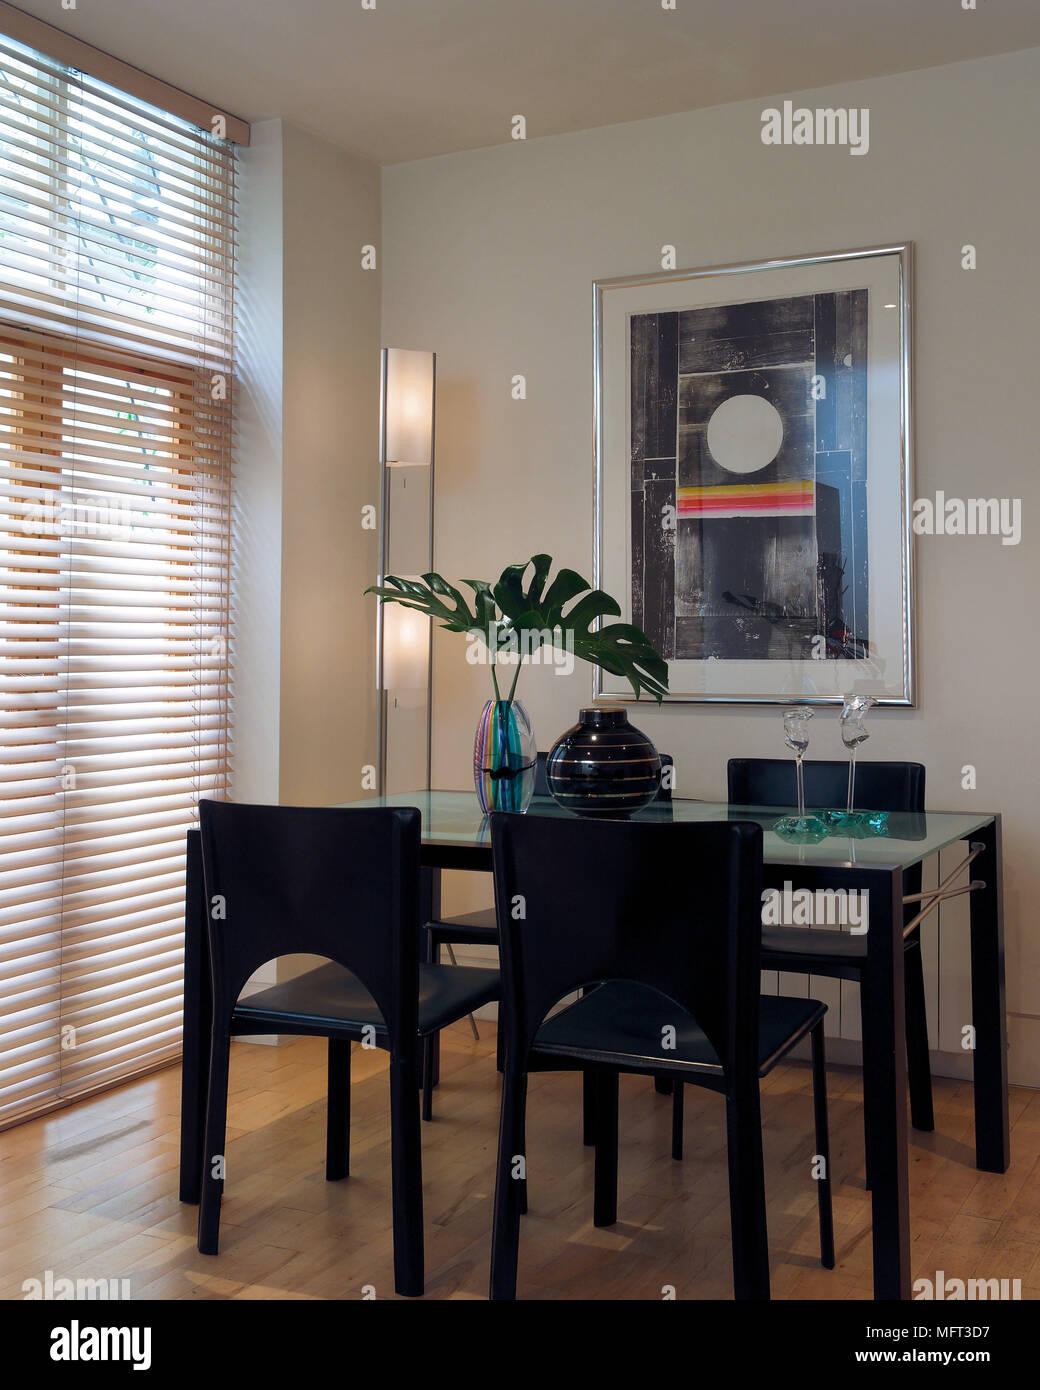 Sala da pranzo moderna in legno nero e vetro tavolo sedie veneziane interni camere trattamenti - Camere da pranzo moderne ...